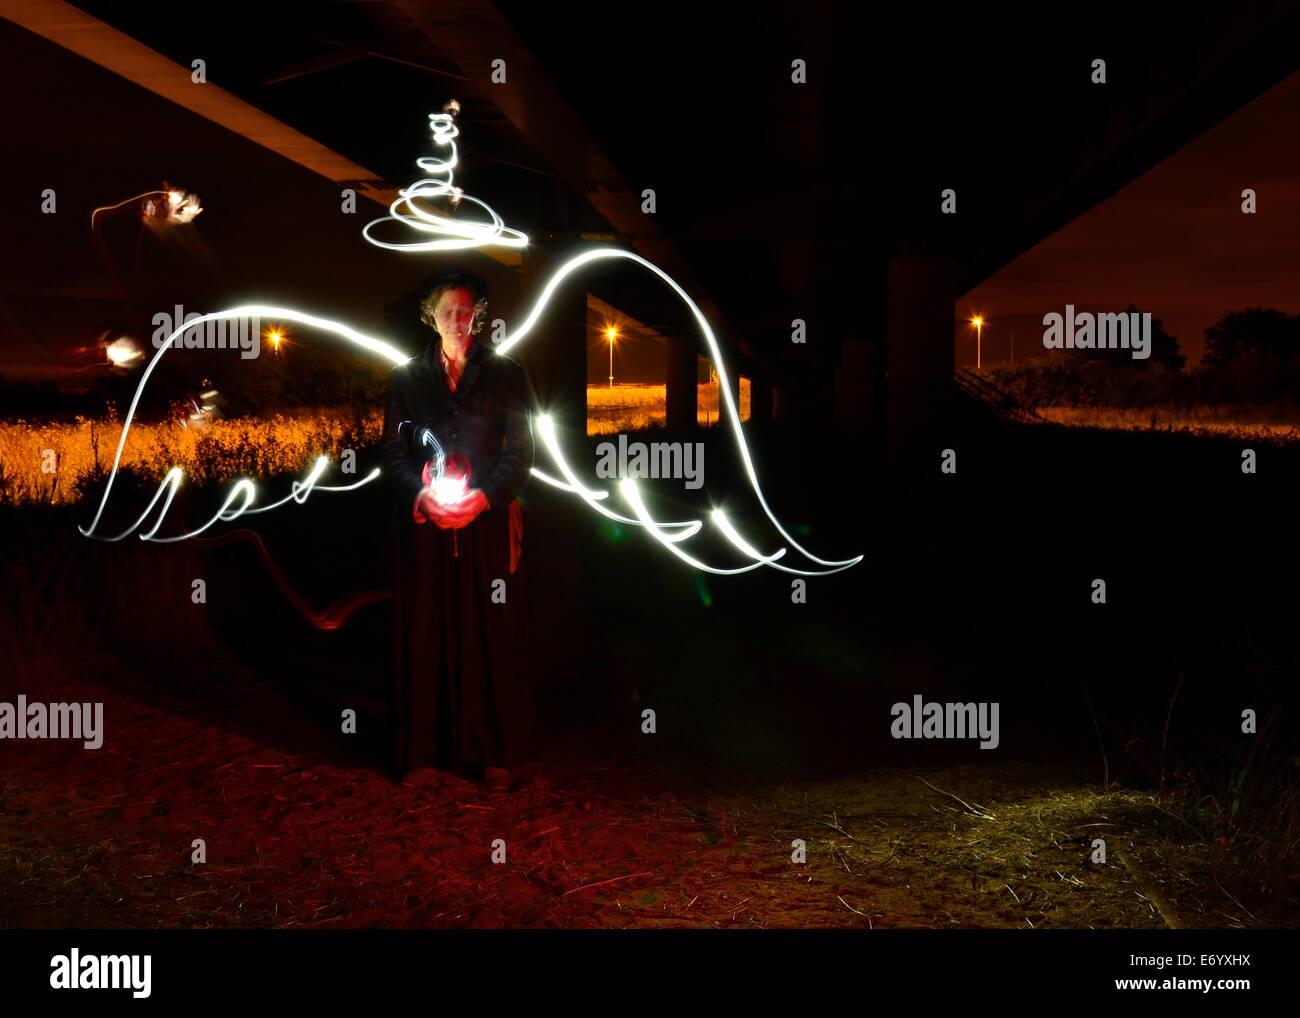 Un ange surréaliste, créé avec la lumière de la peinture, les ailes et l'auréole dans, aucun flash une lanterne et vélo lumières pour créer un éclairage naturel Banque D'Images